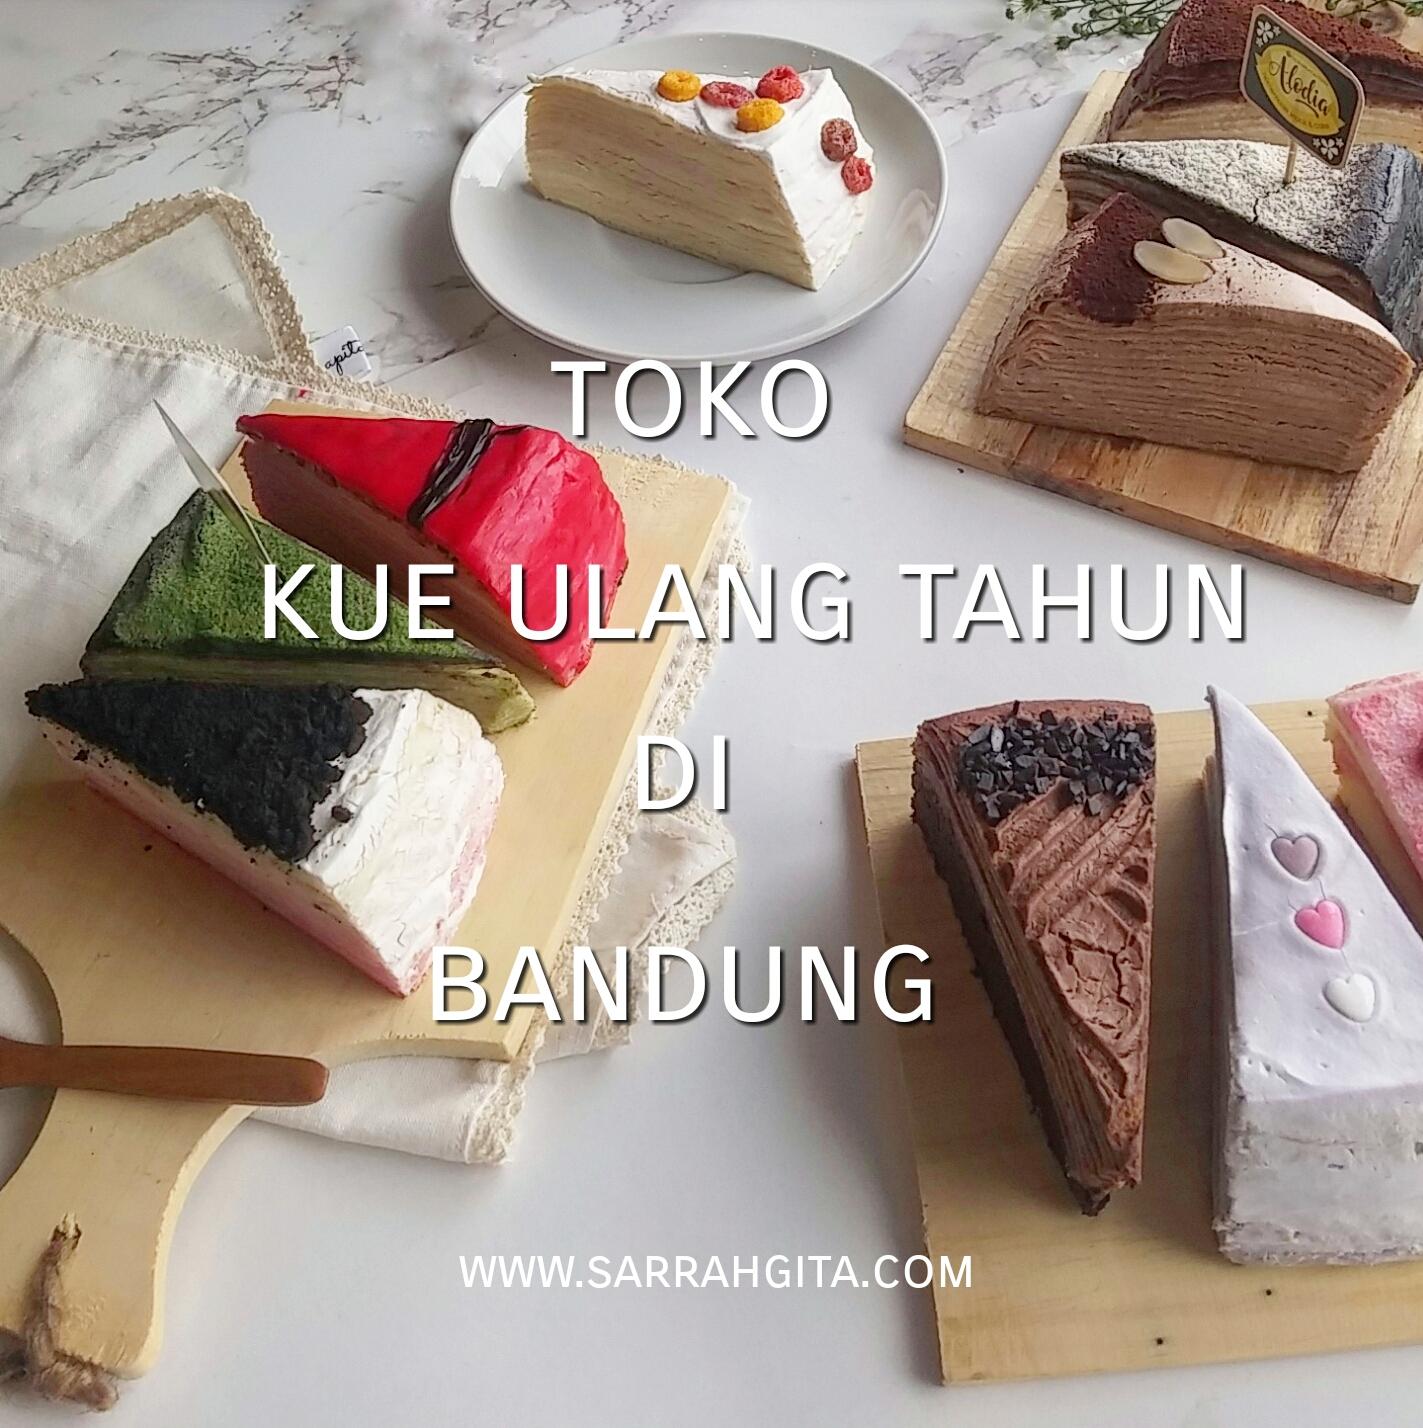 3 Toko Kue Ulang Tahun Di Bandung Yang Recommended